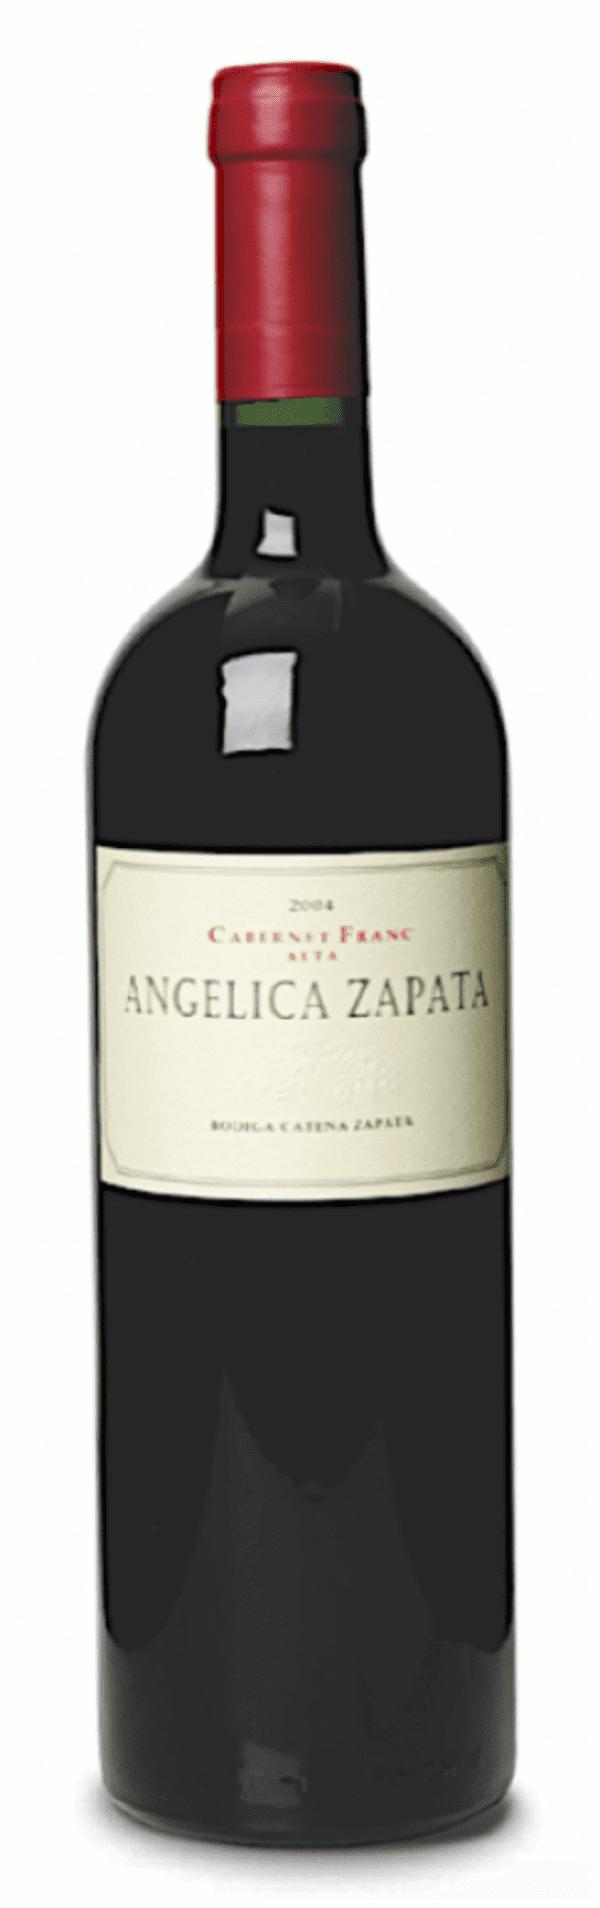 ANGELICA ZAPATA CABERNET FRANC 2015 (TTO) (CATENA ZAPATA)